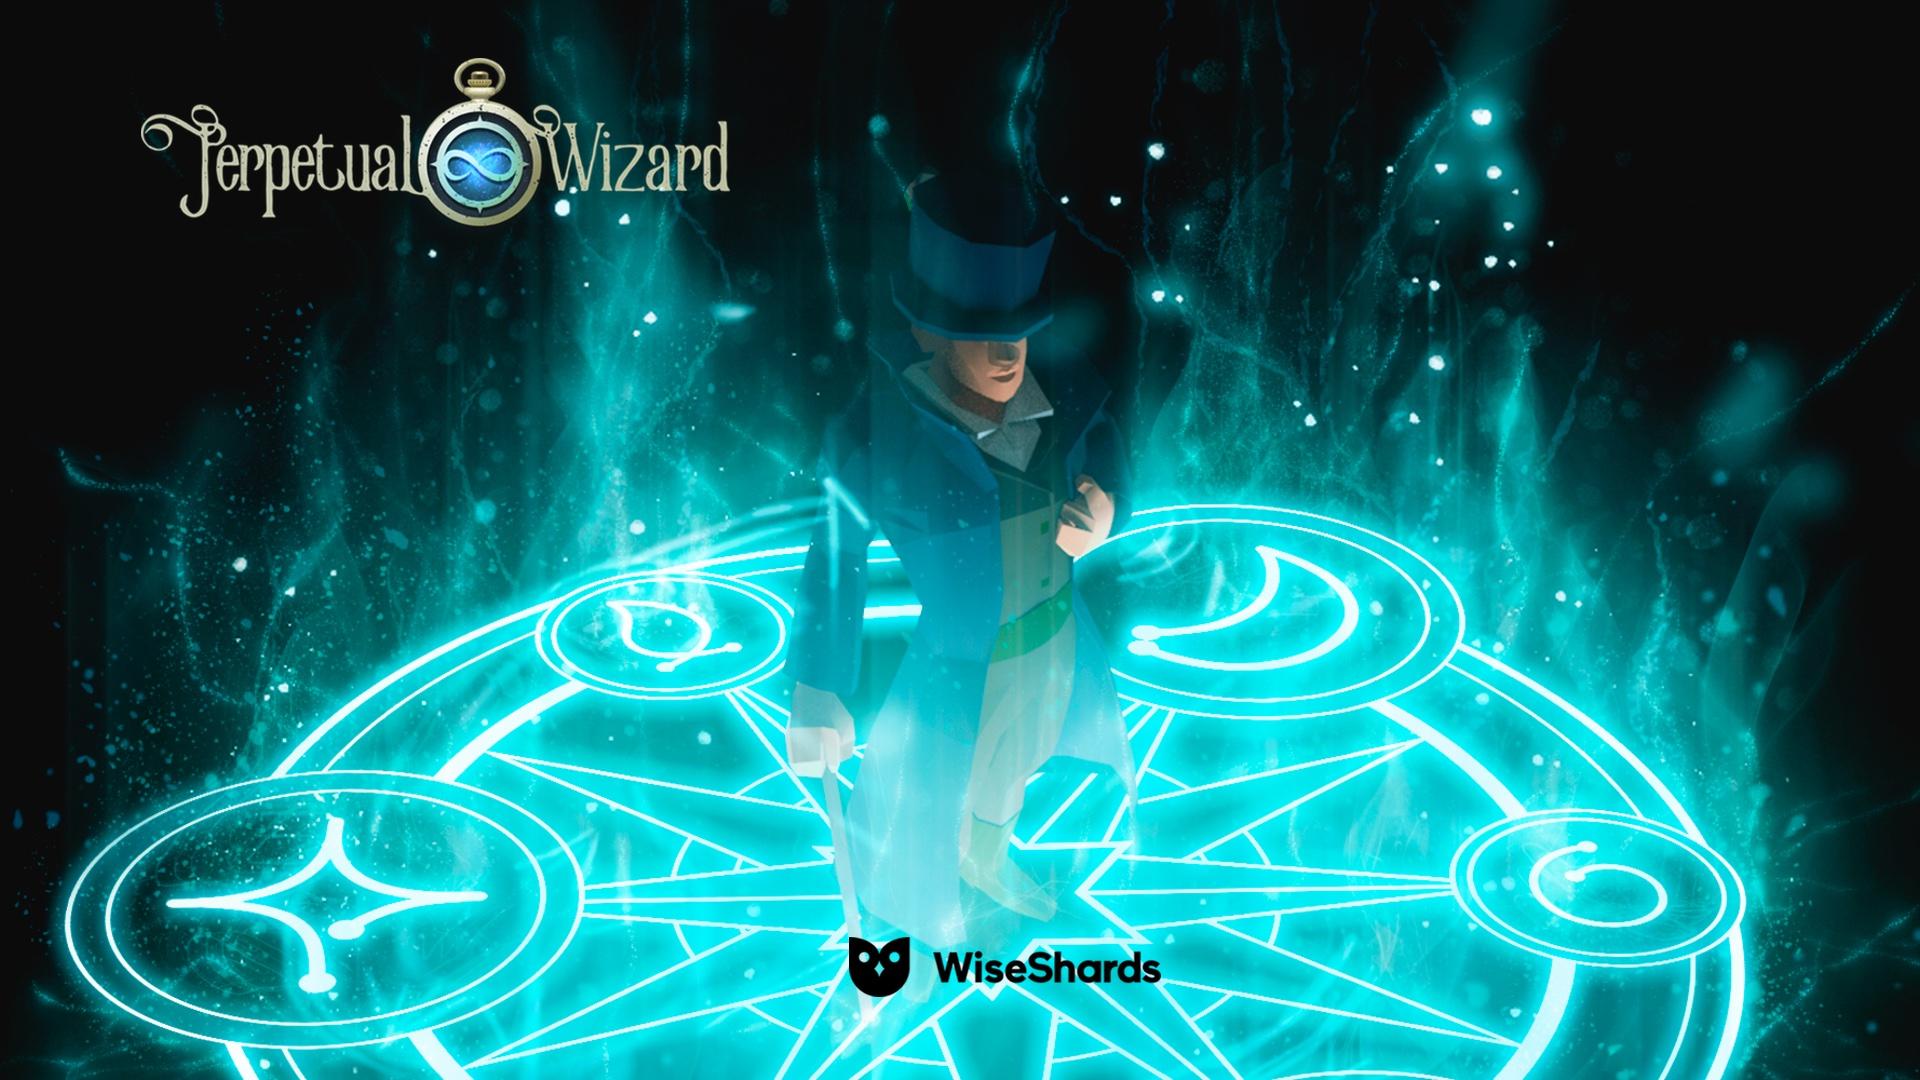 Perpetual Wizard